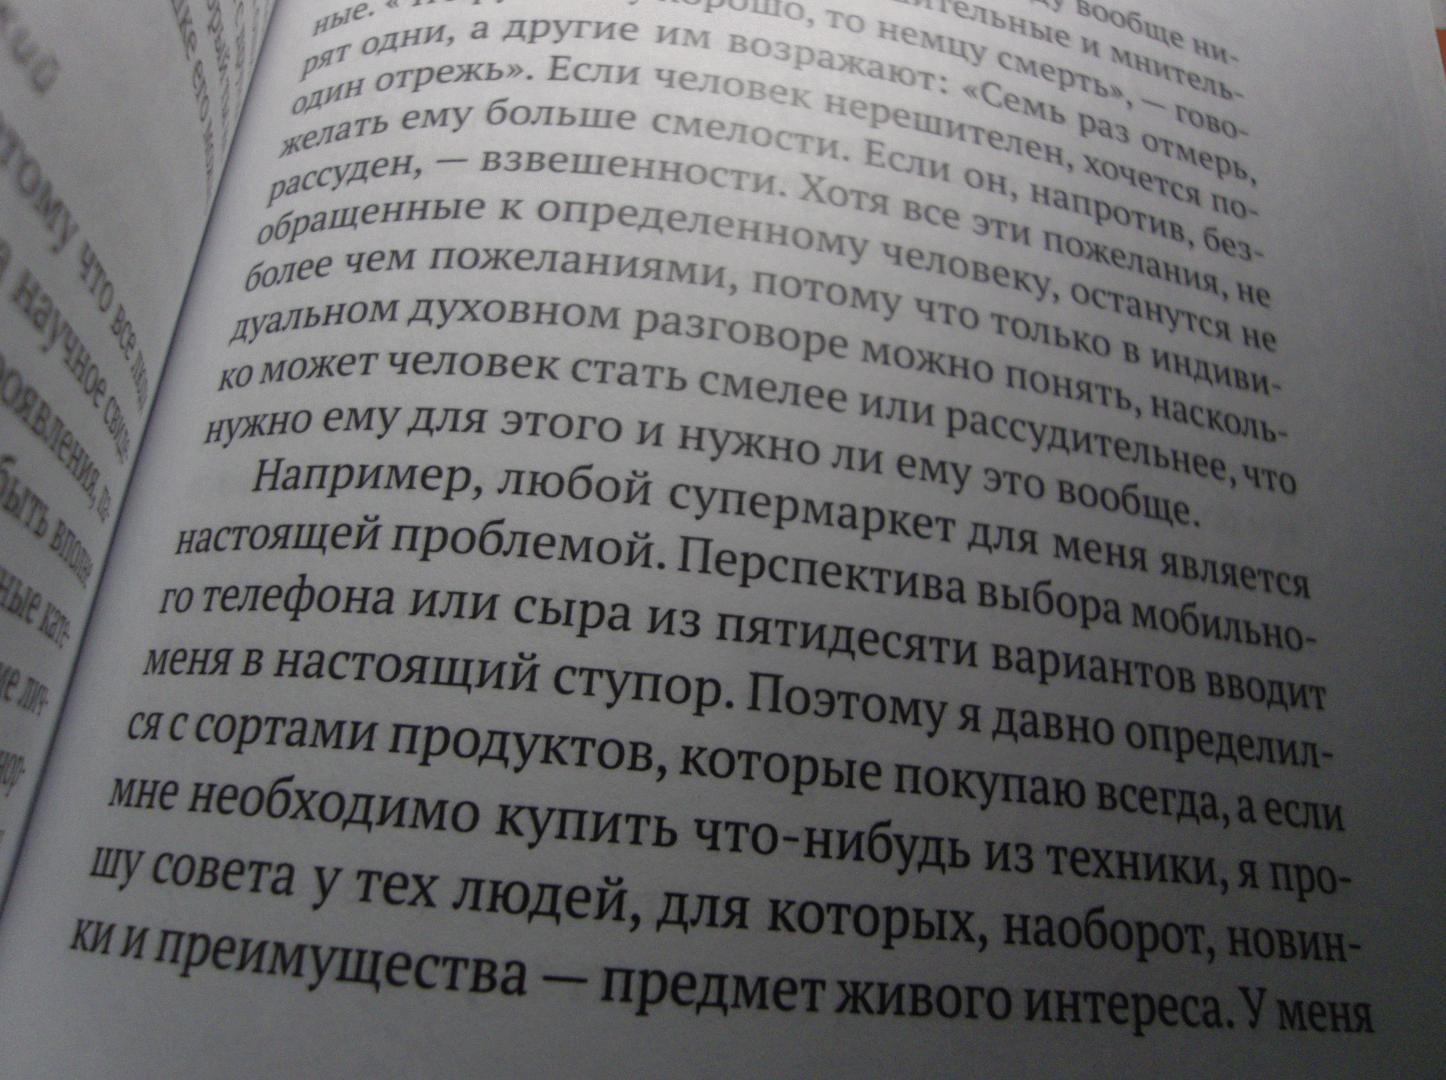 Иллюстрация 8 из 9 для Благословенный труд. Карьера, успешность и вера - Лучанинов, Протоиерей, Протоиерей   Лабиринт - книги. Источник: Саша